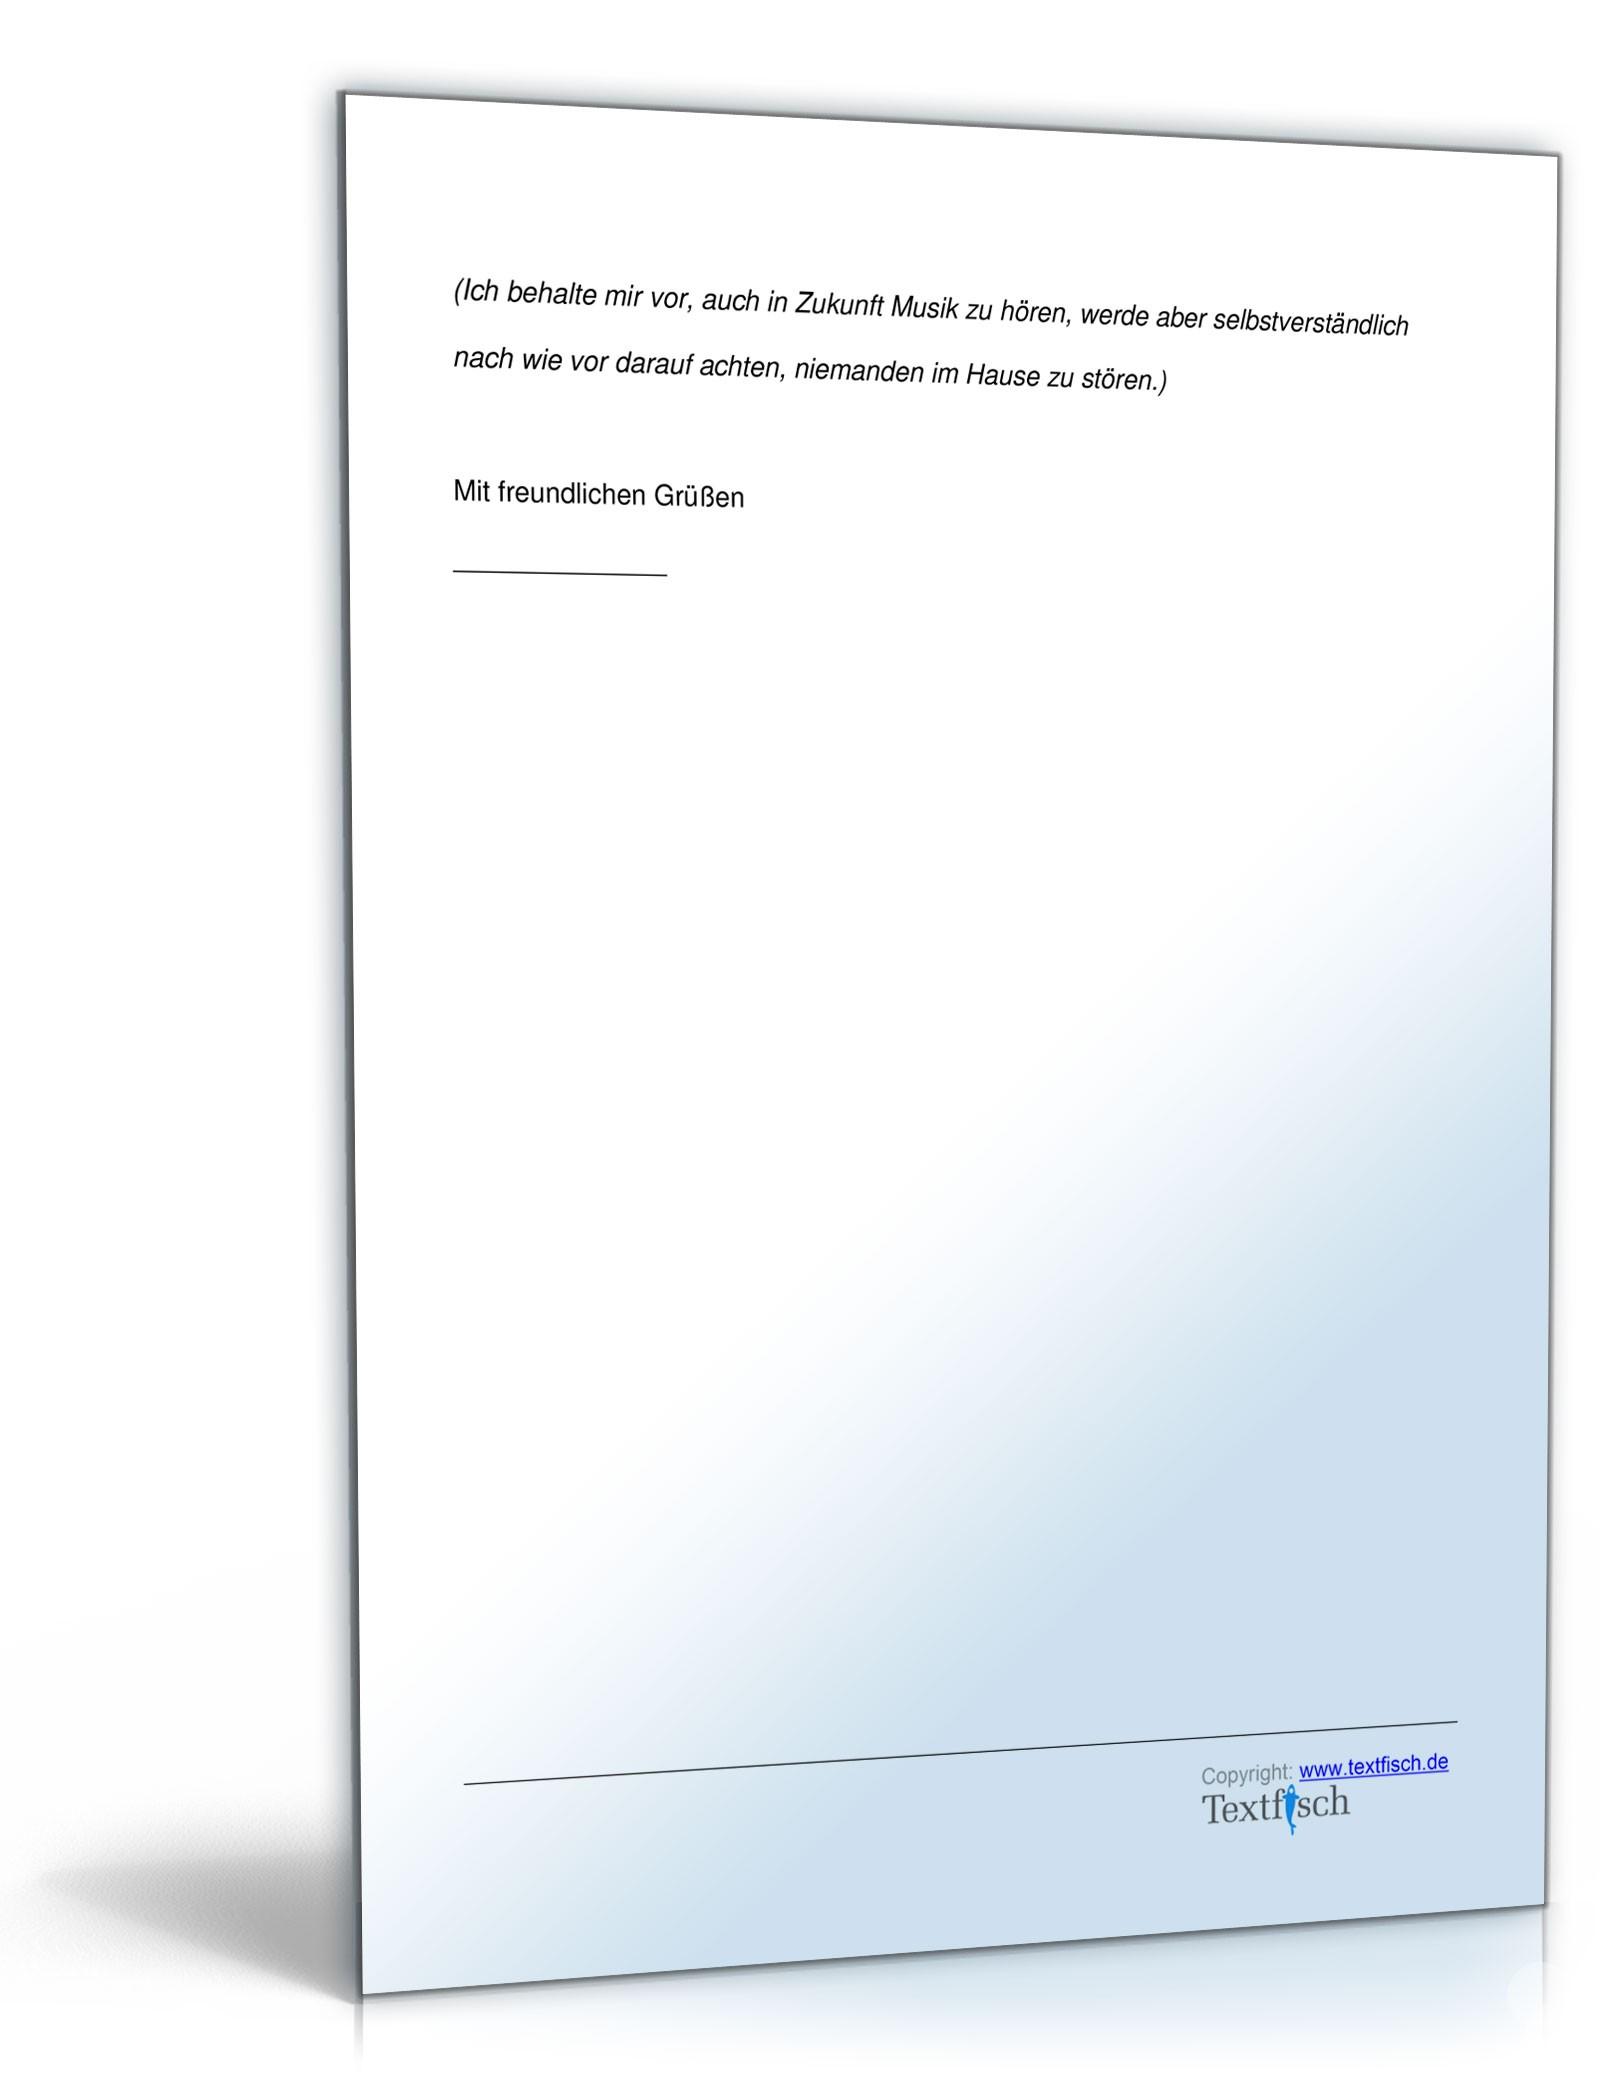 Musterbriefe Lärmbelästigung : Zurückweisung beschwerde lärmbelästigung muster zum download